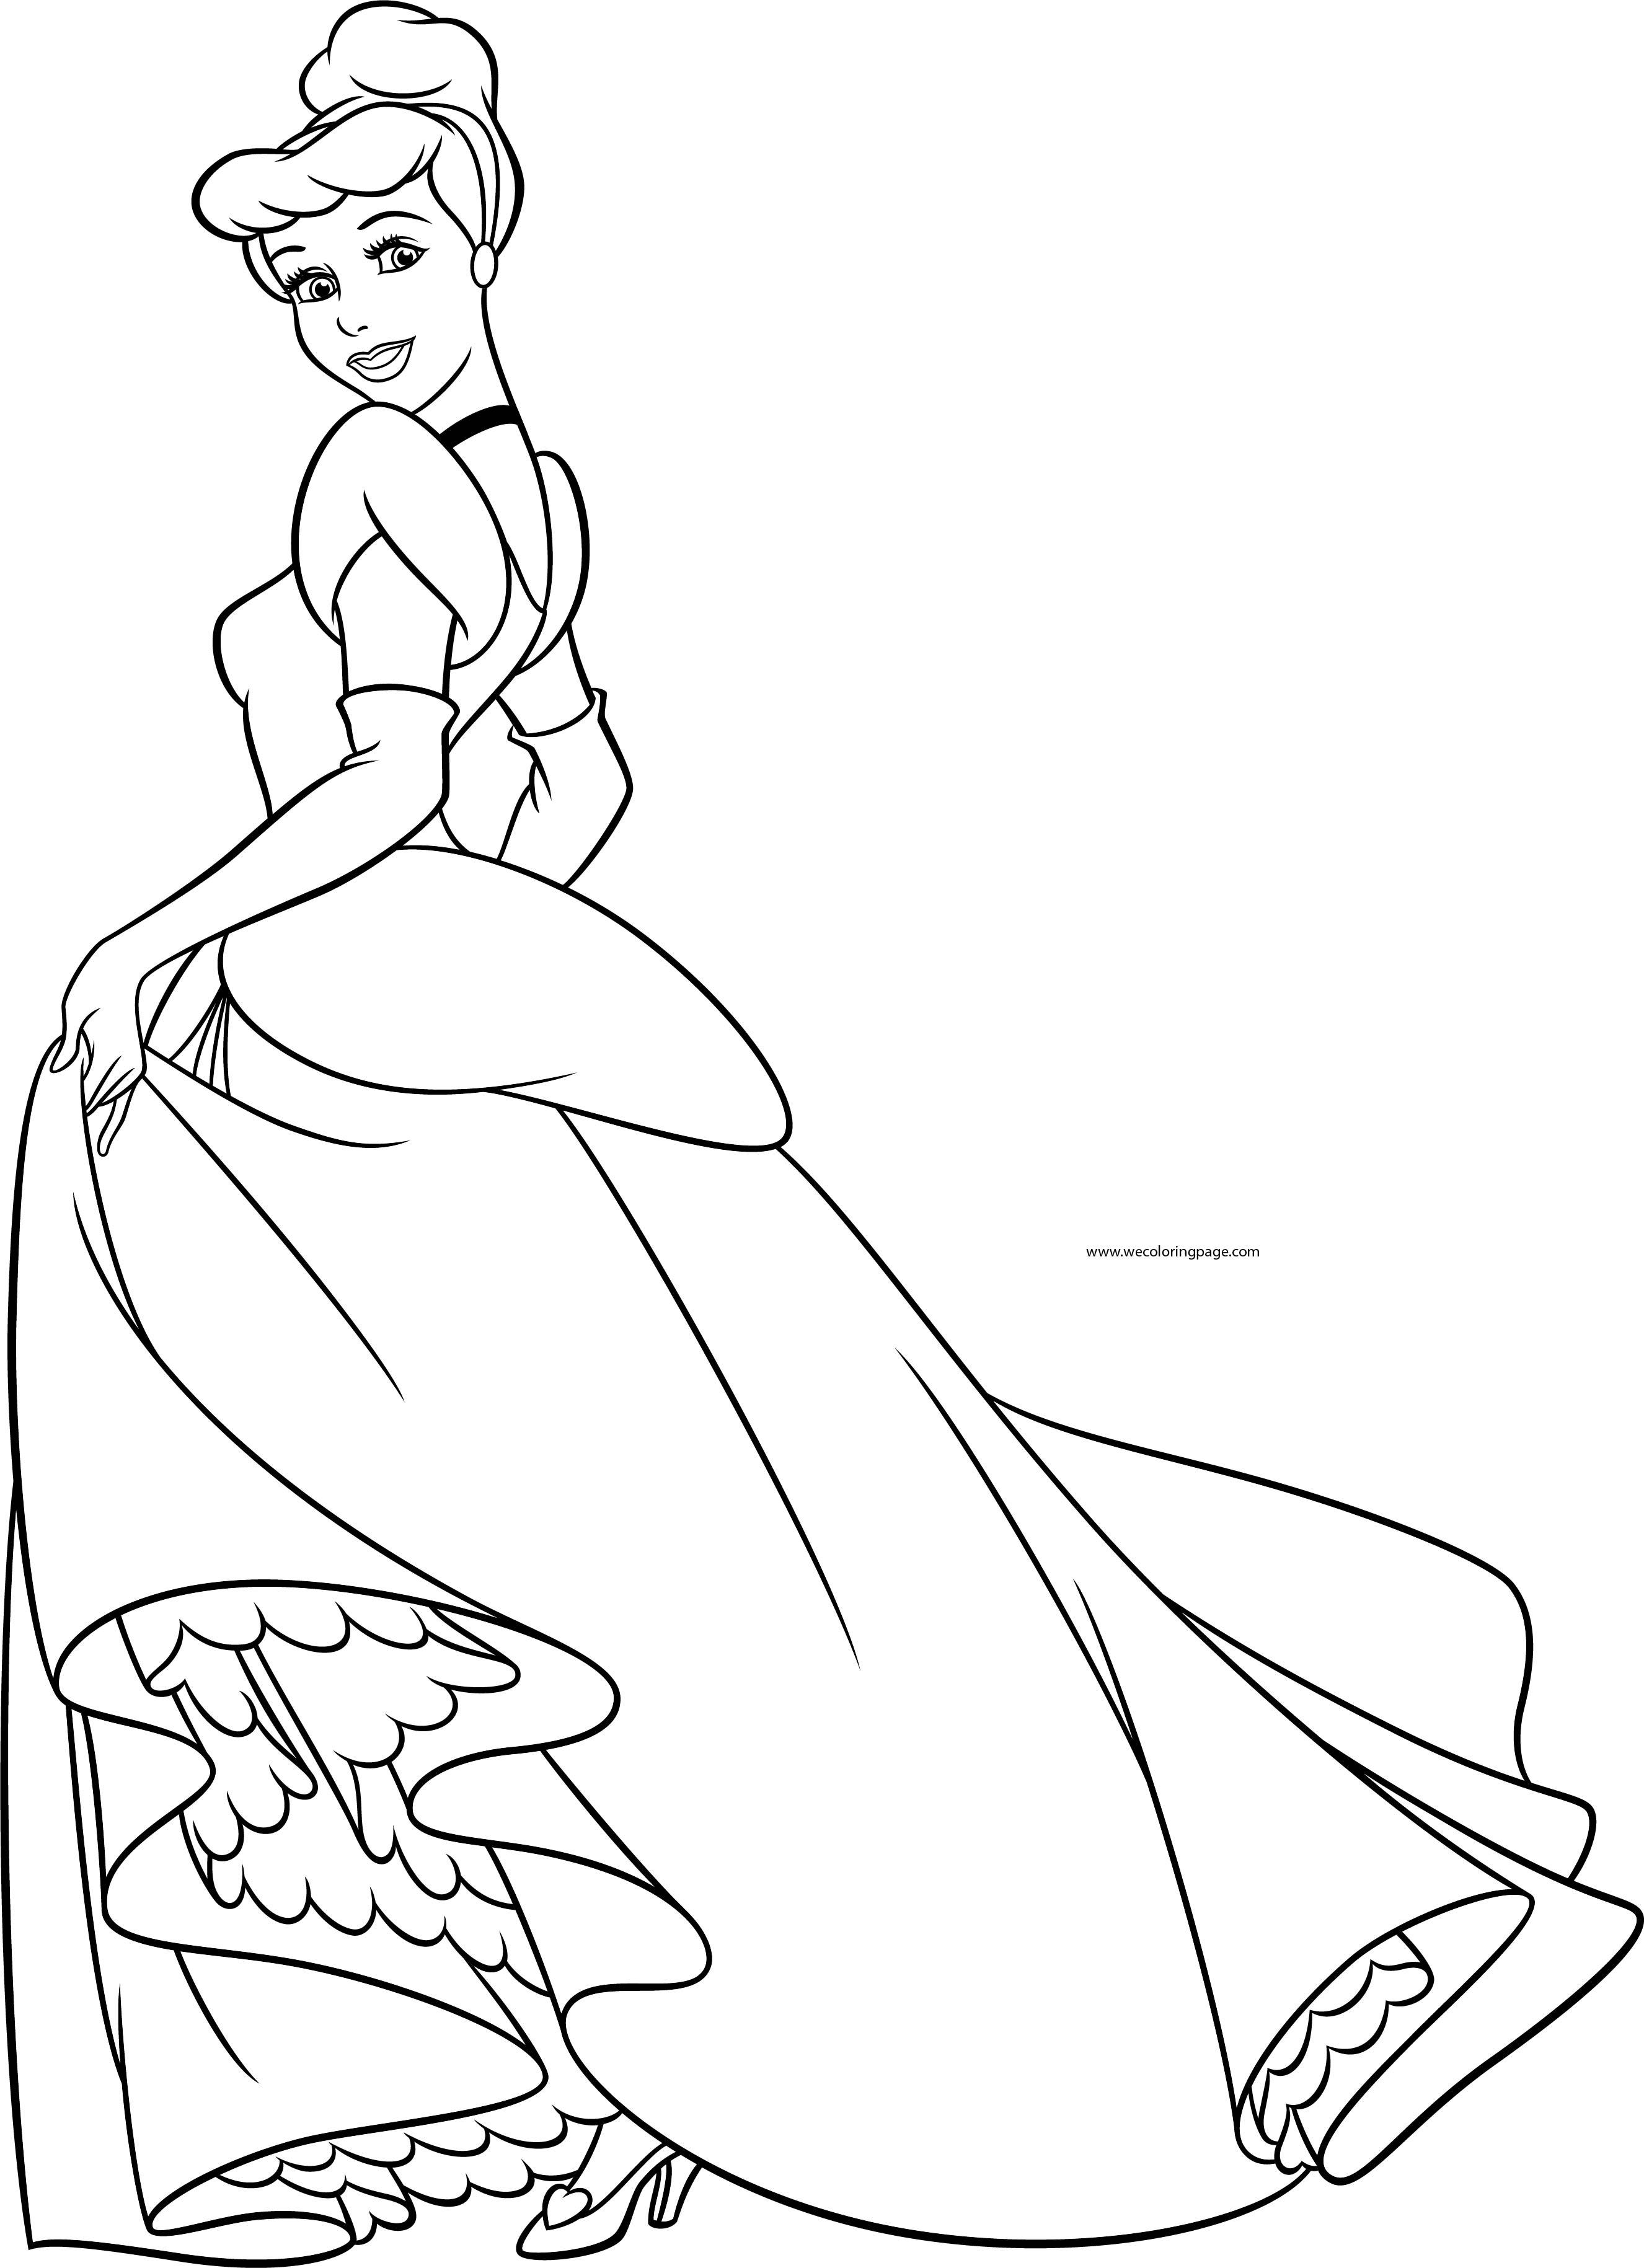 Disney Cinderella Princess Pose Coloring Page | Wecoloringpage.com